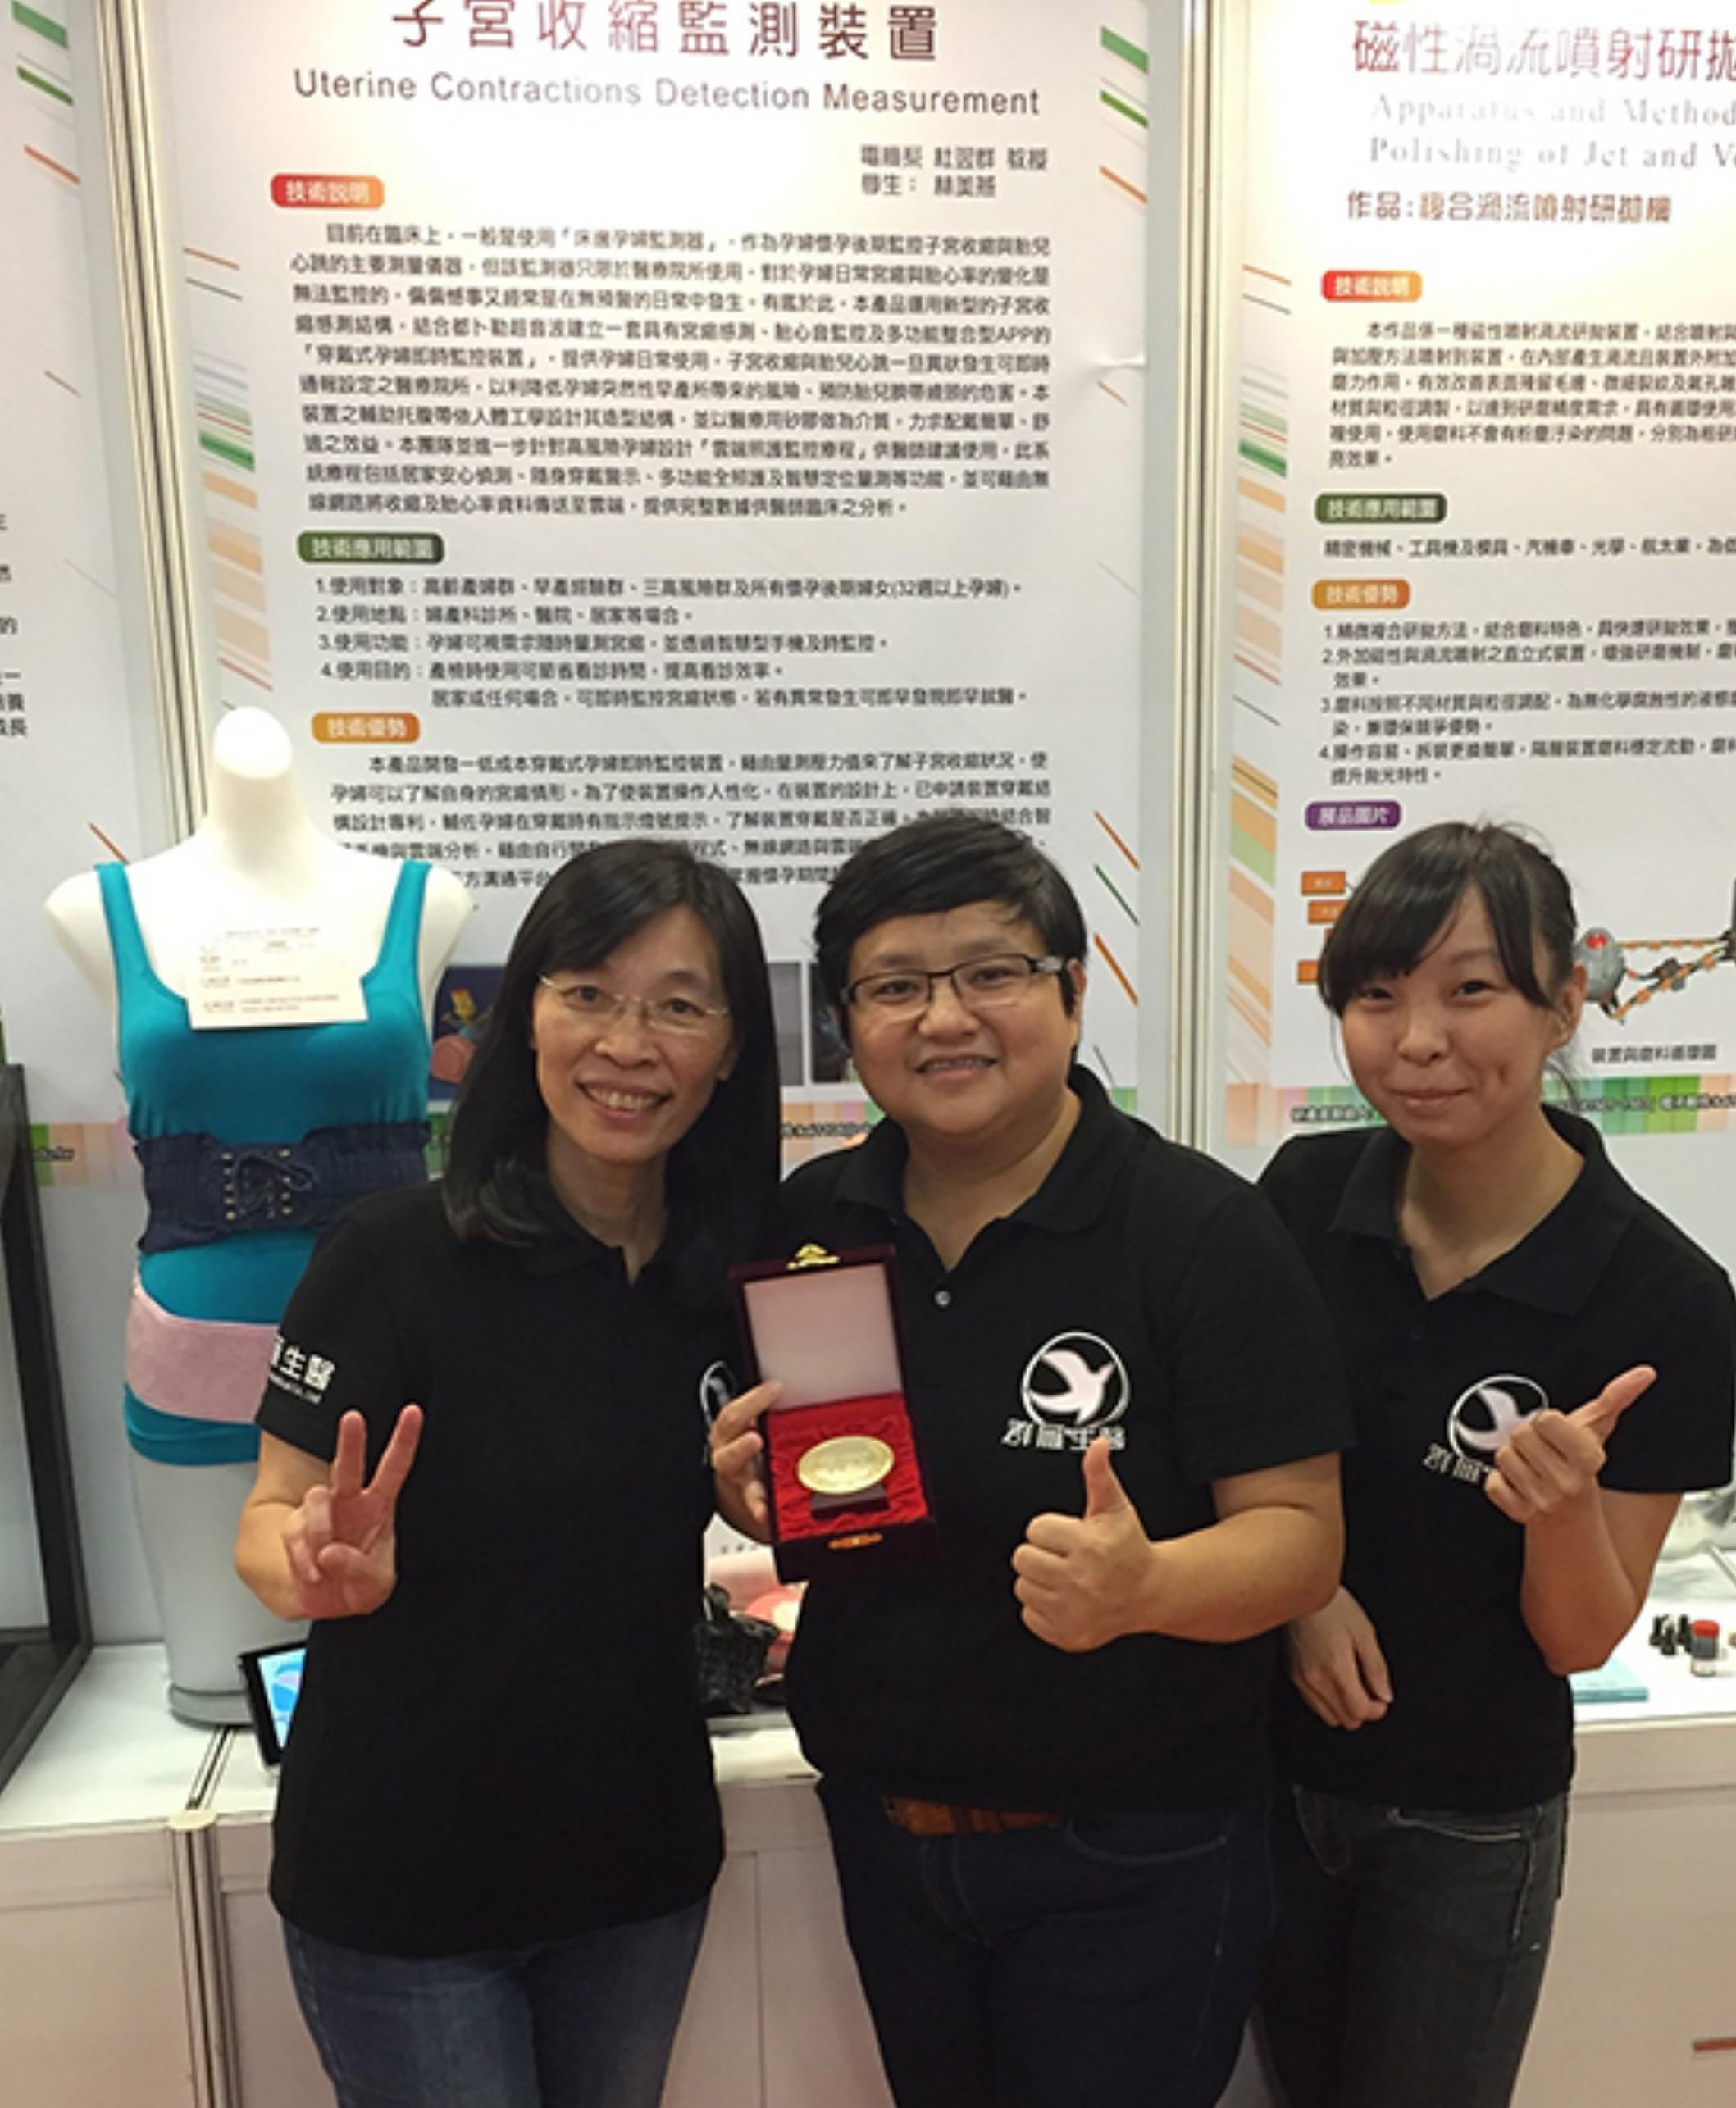 2016年台北國際發明暨技術交易